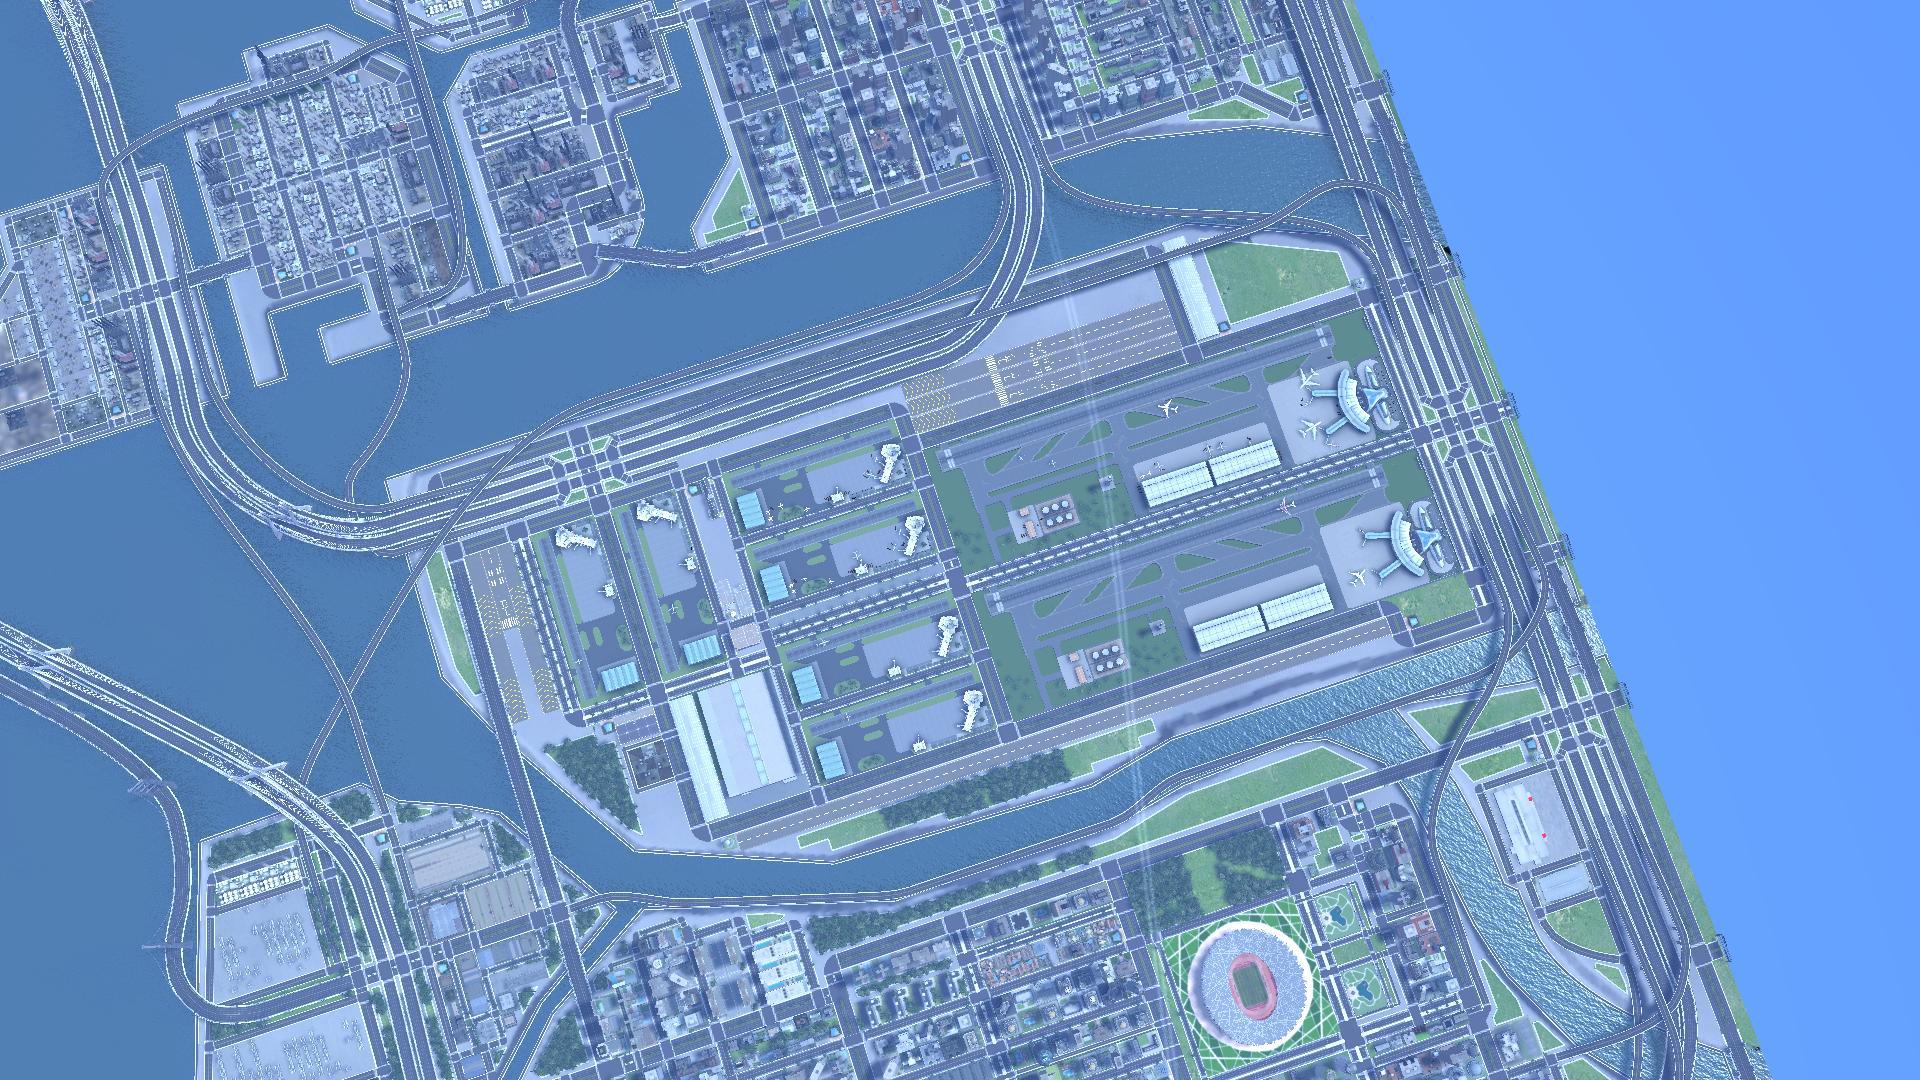 CitiesXL_2012 2014-11-06 16-49-54-03.jpg